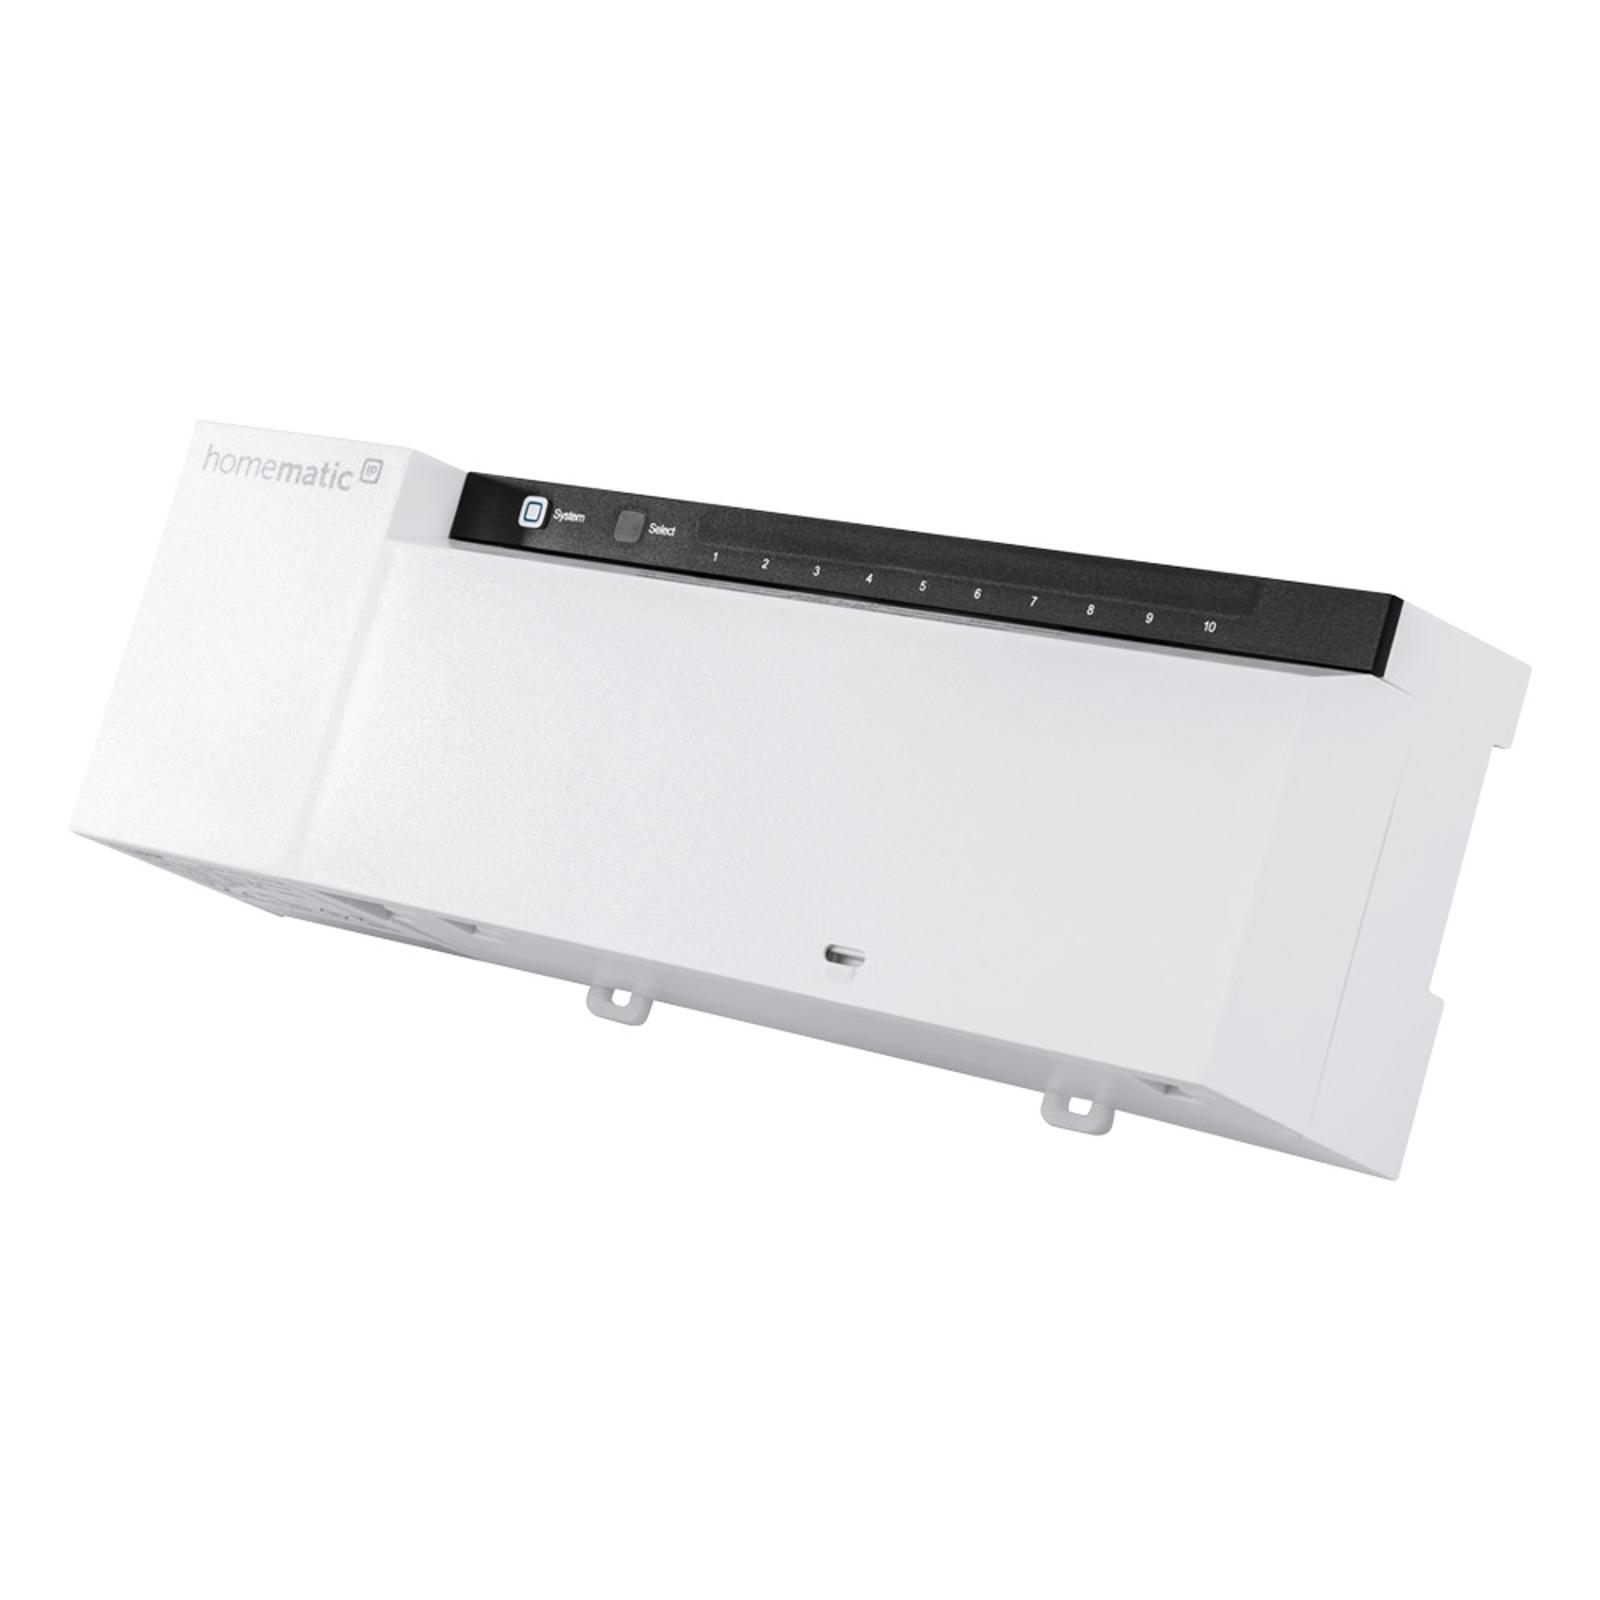 Homematic IP Fußbodenheizungsaktor, 10-fach, 230 V